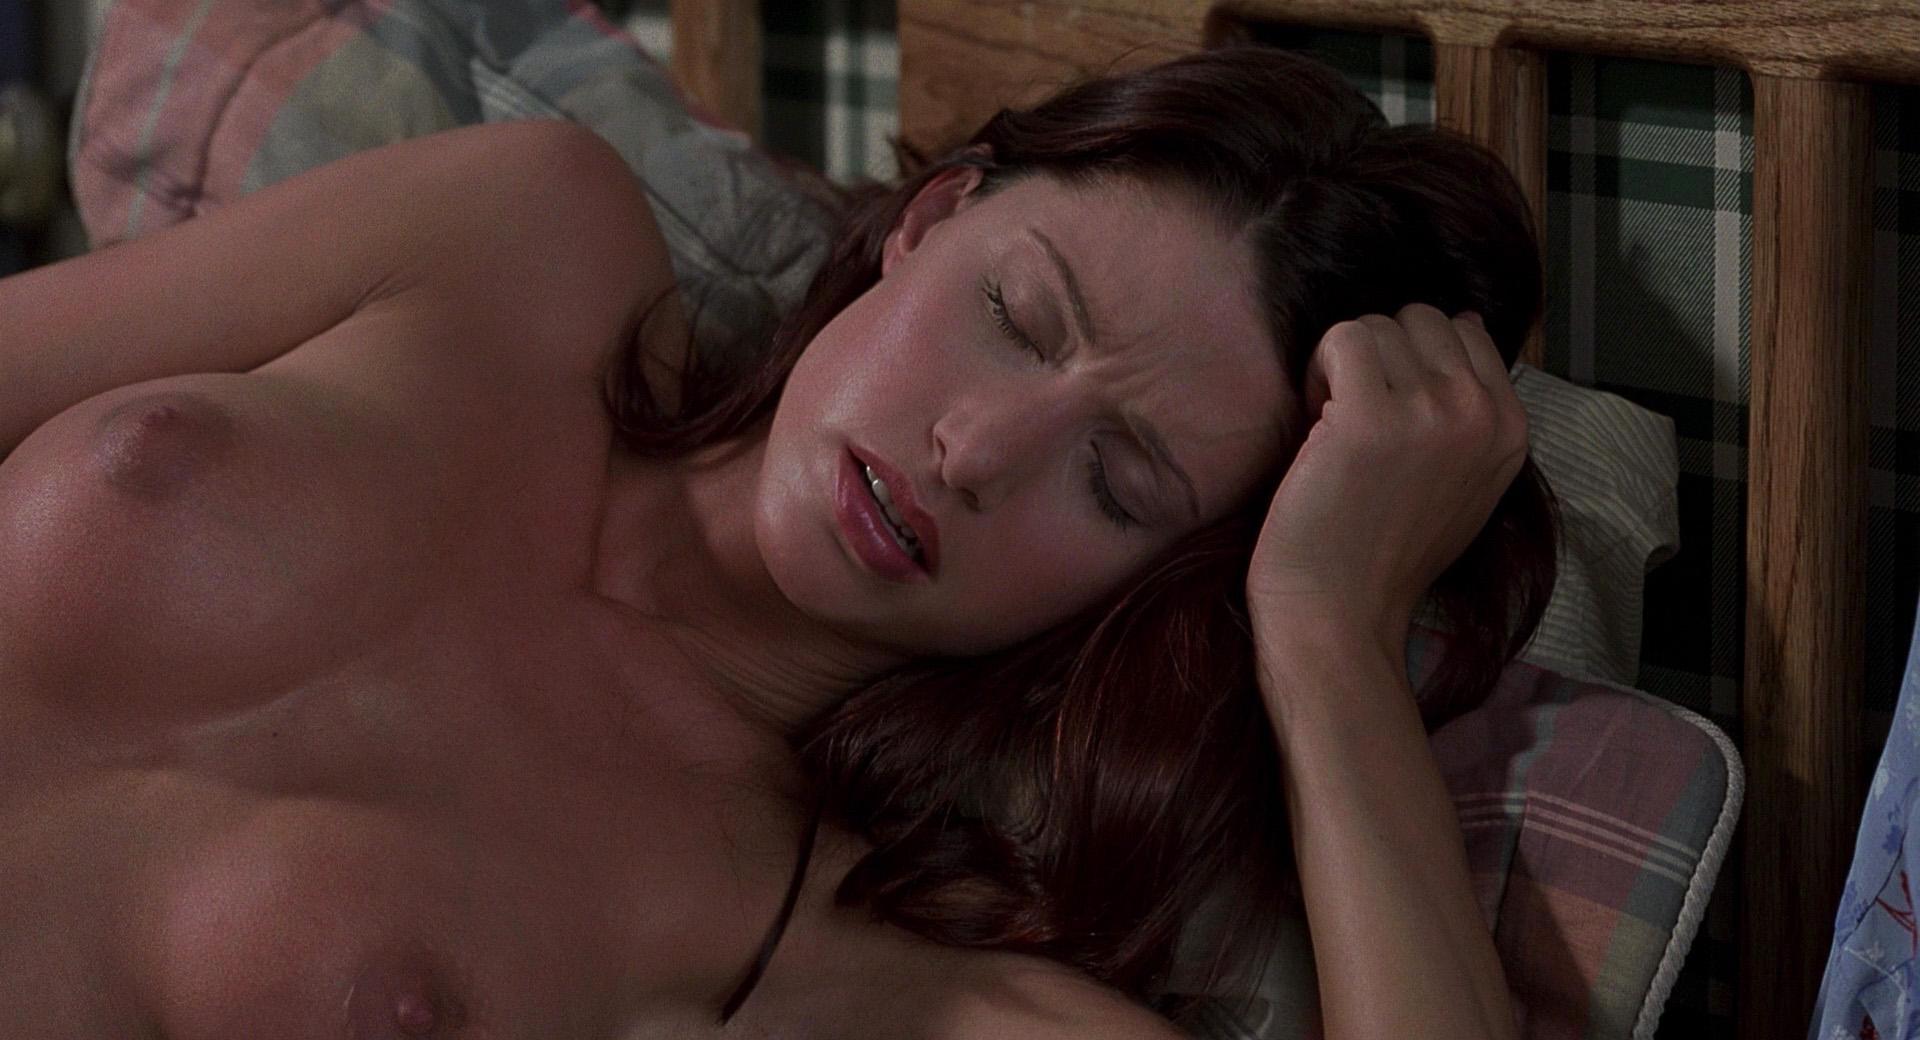 American Pie 8 Sex Scene watch online - shannon elizabeth – american pie (1999) hd 1080p